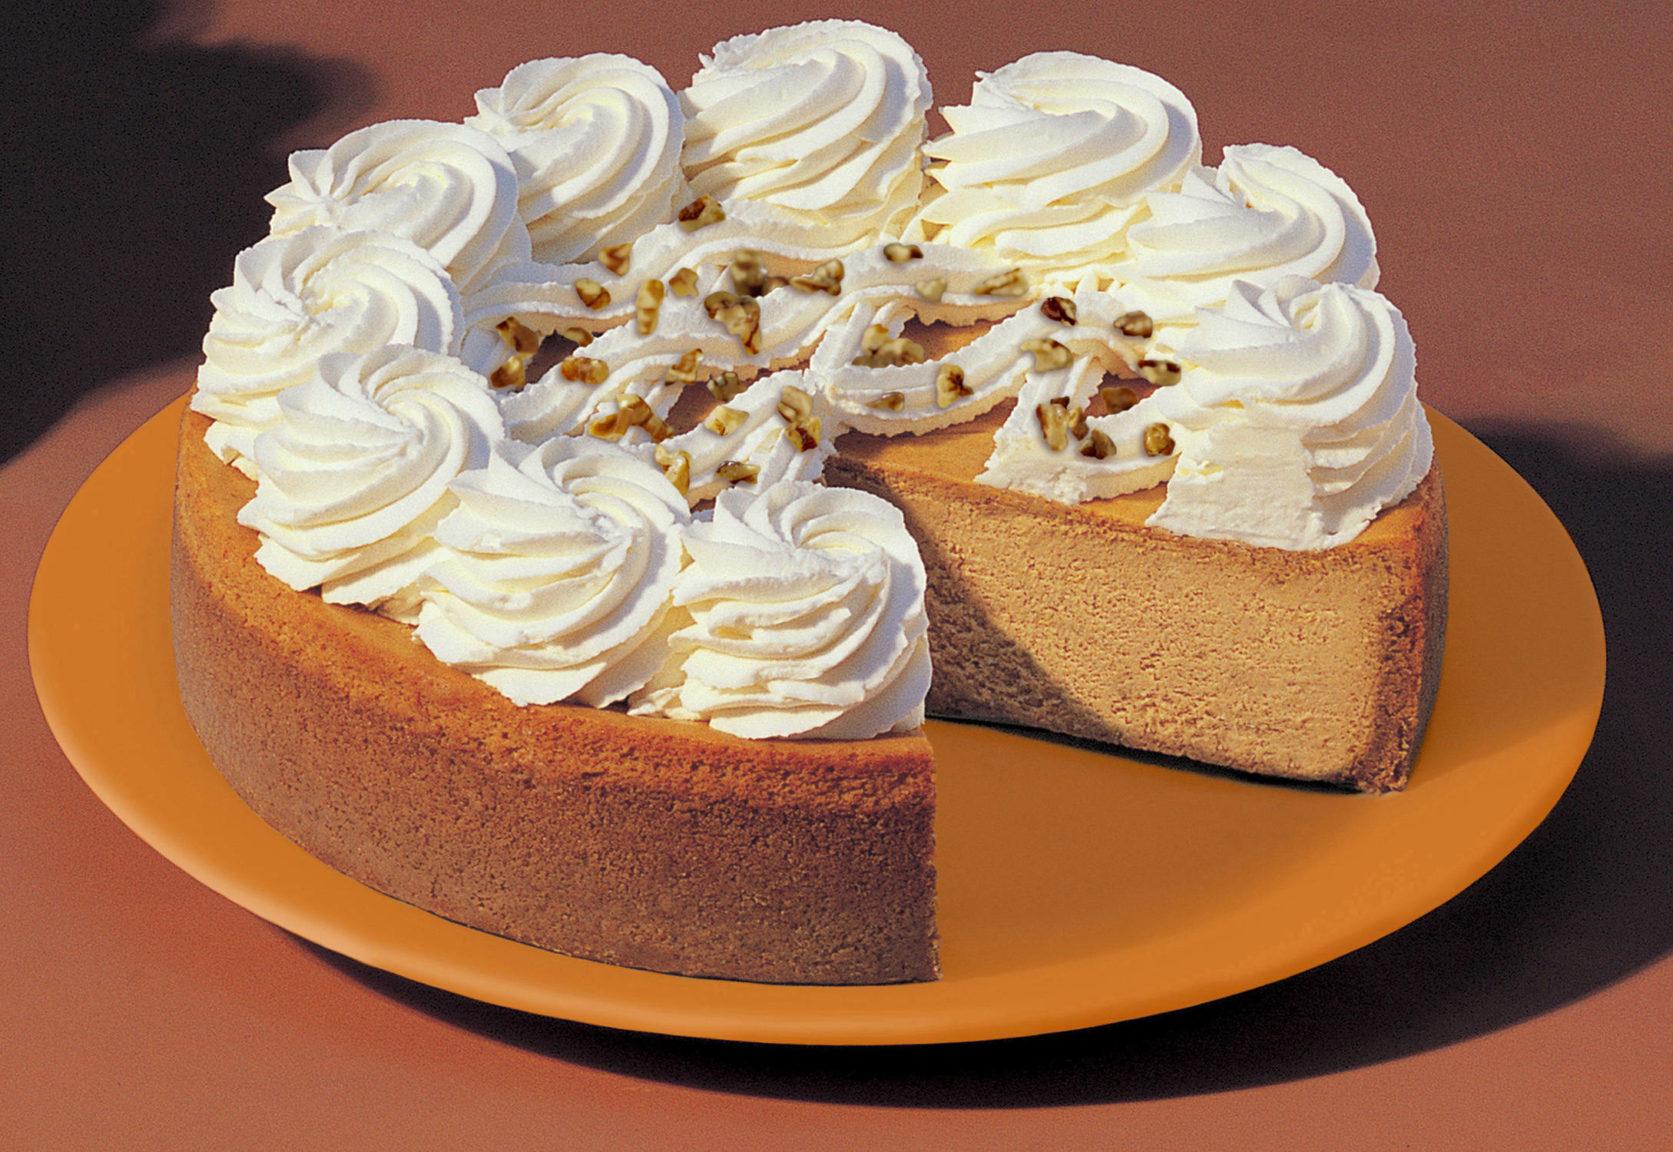 How To Make Pumpkin Cheesecake 5